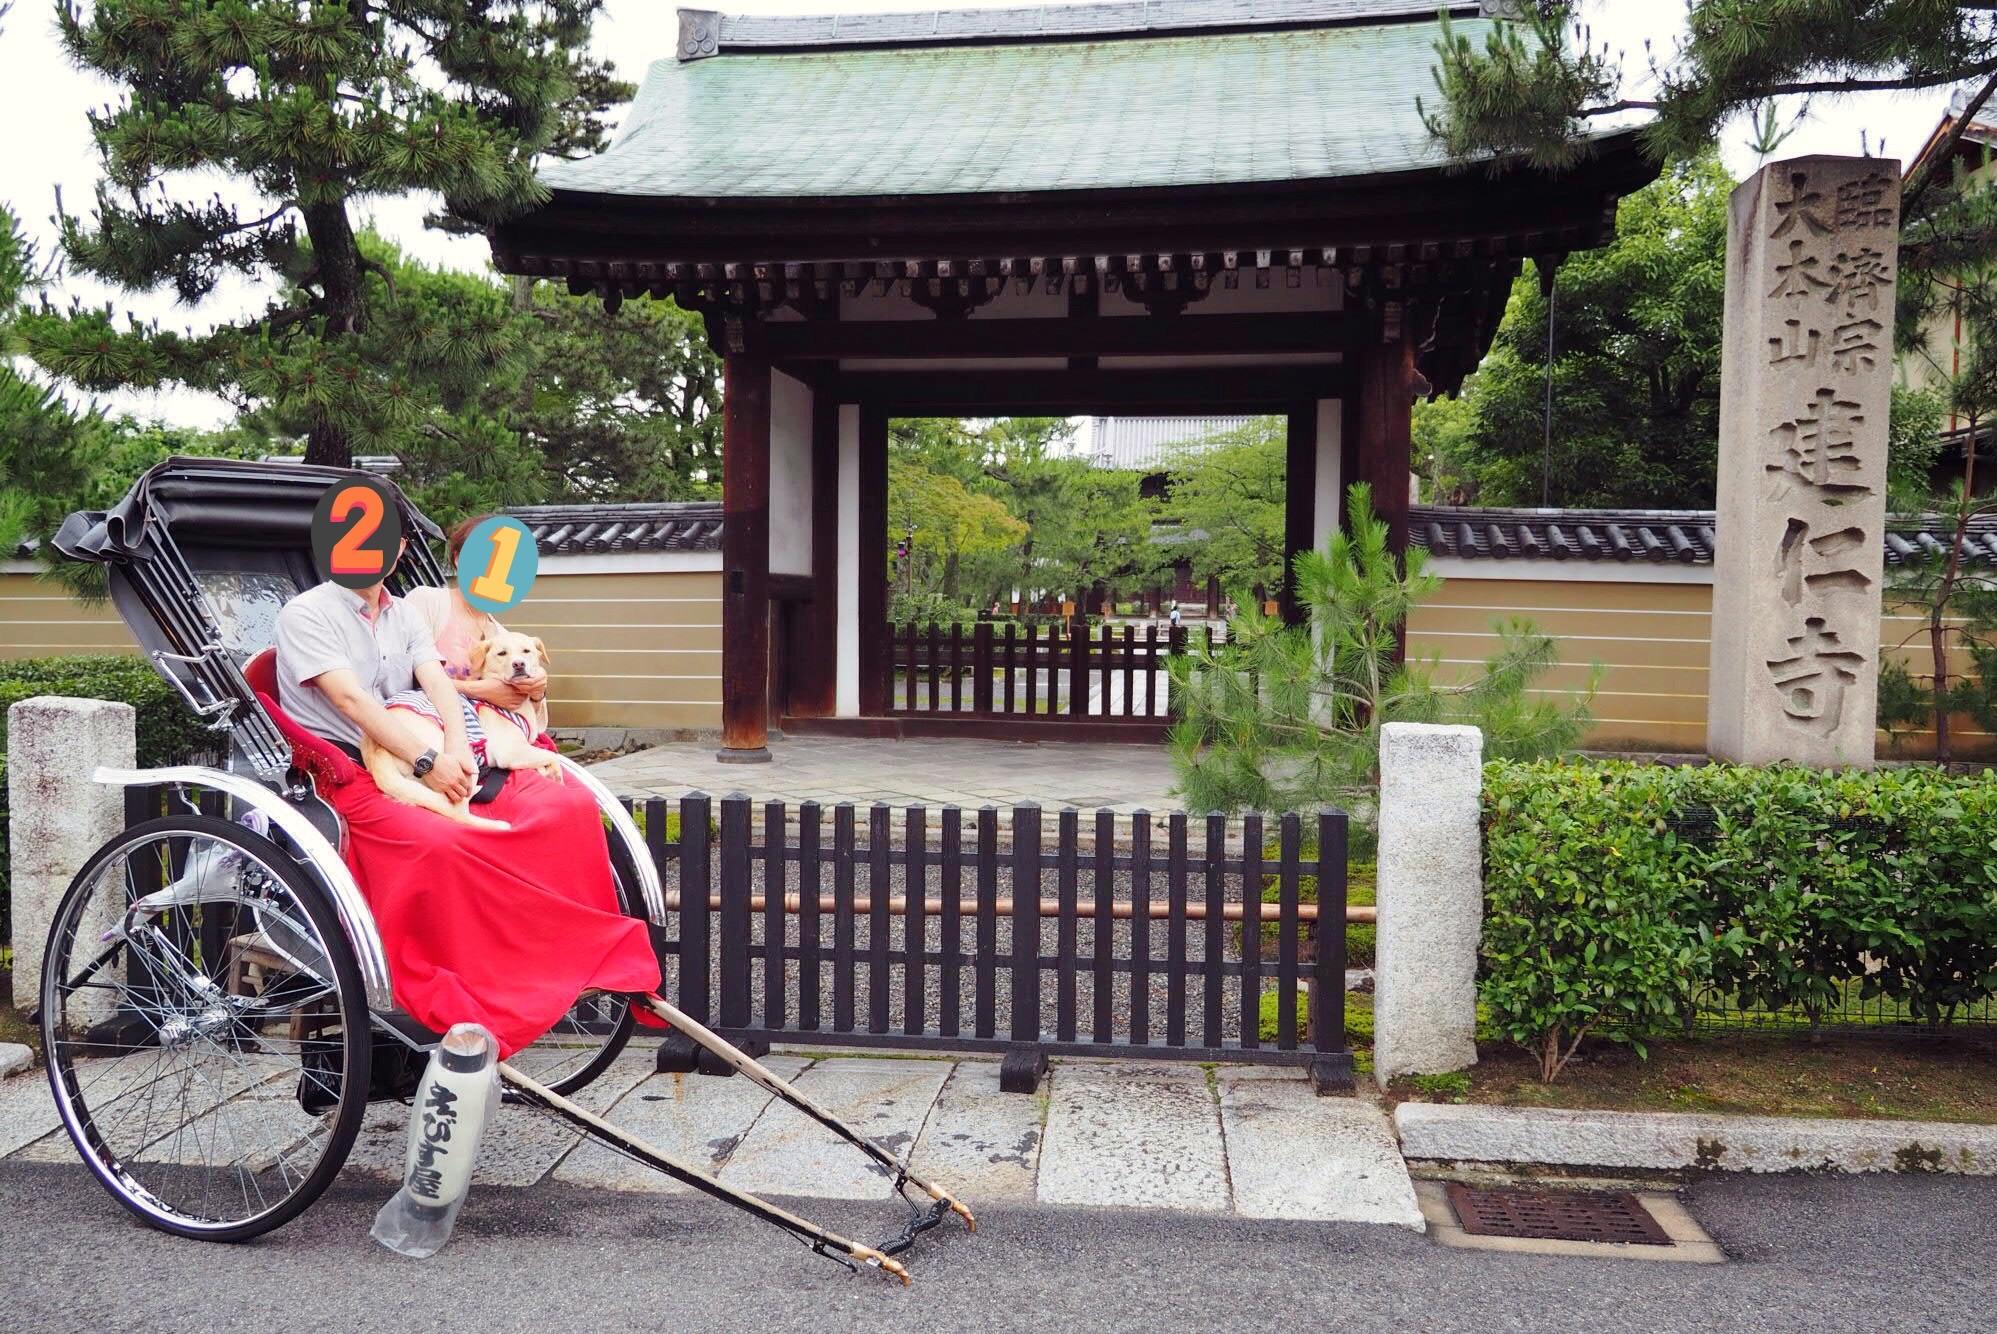 京都旅行 犬 人力車